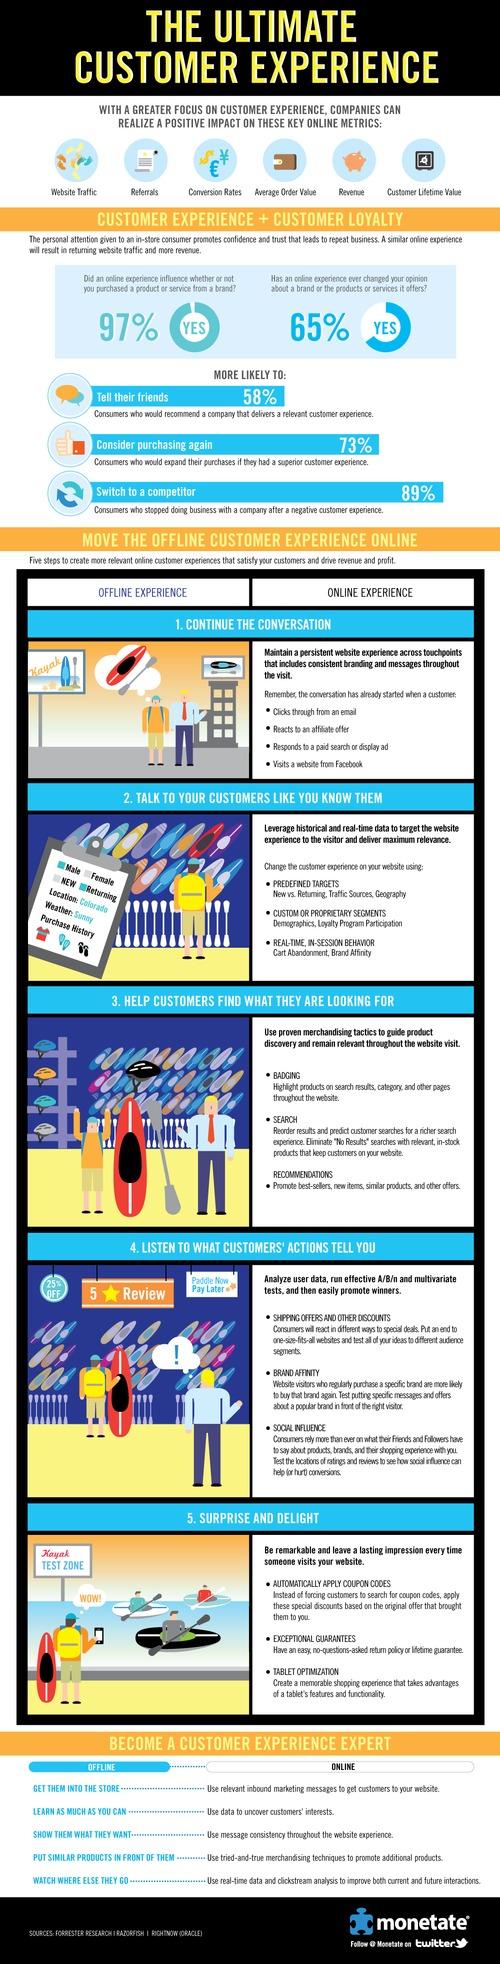 Monetate_cx_infographic